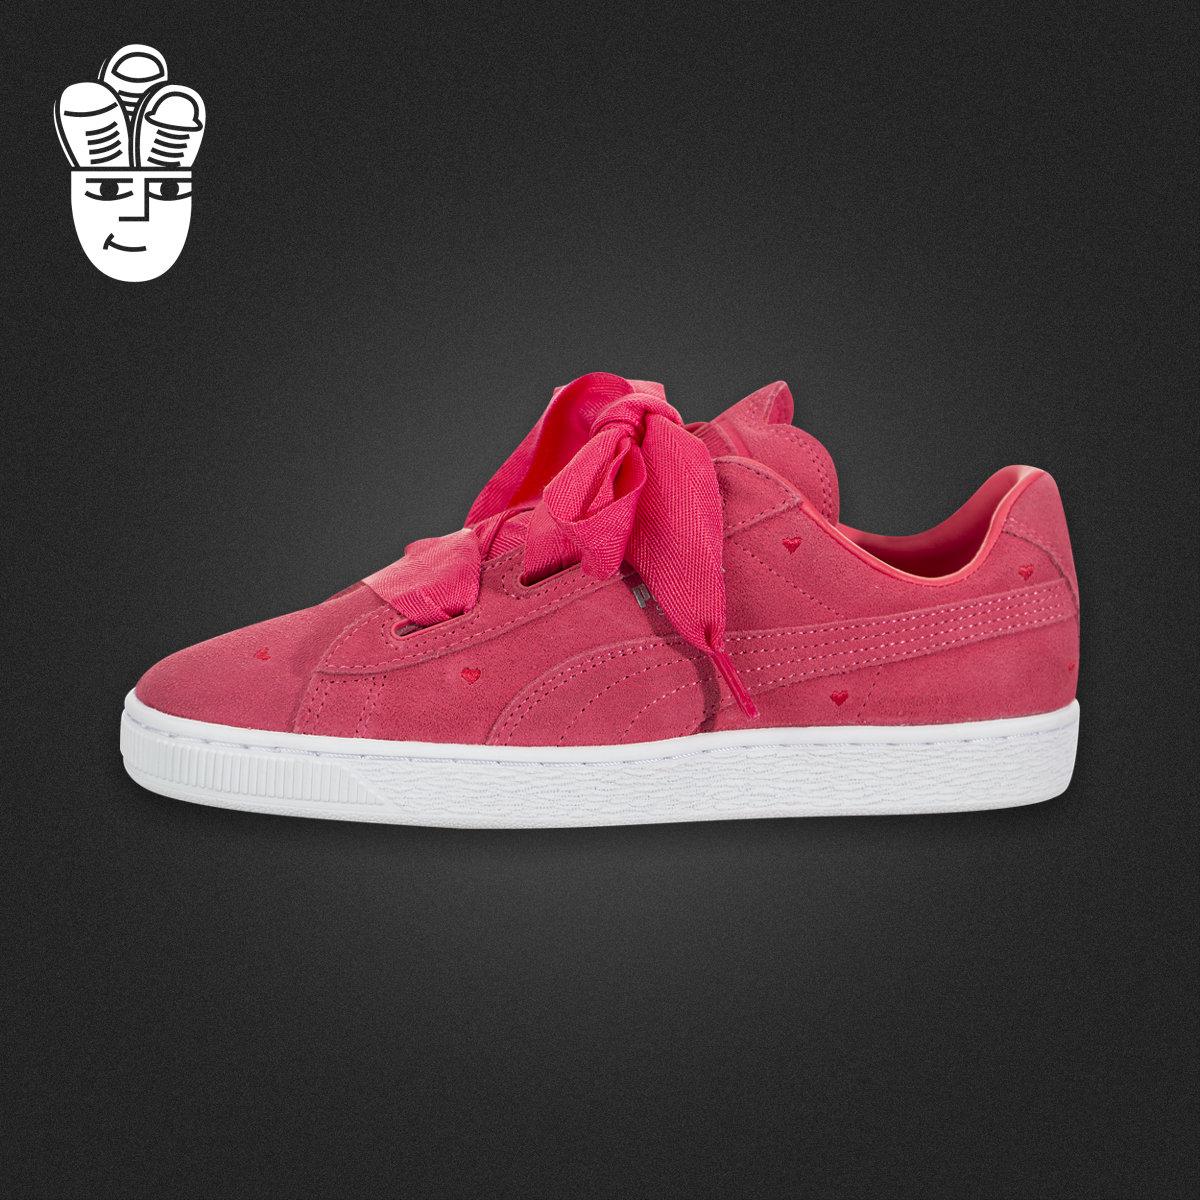 Puma Suede Heart Valentine 彪马女鞋青少年鞋 蝴蝶结板鞋休闲鞋